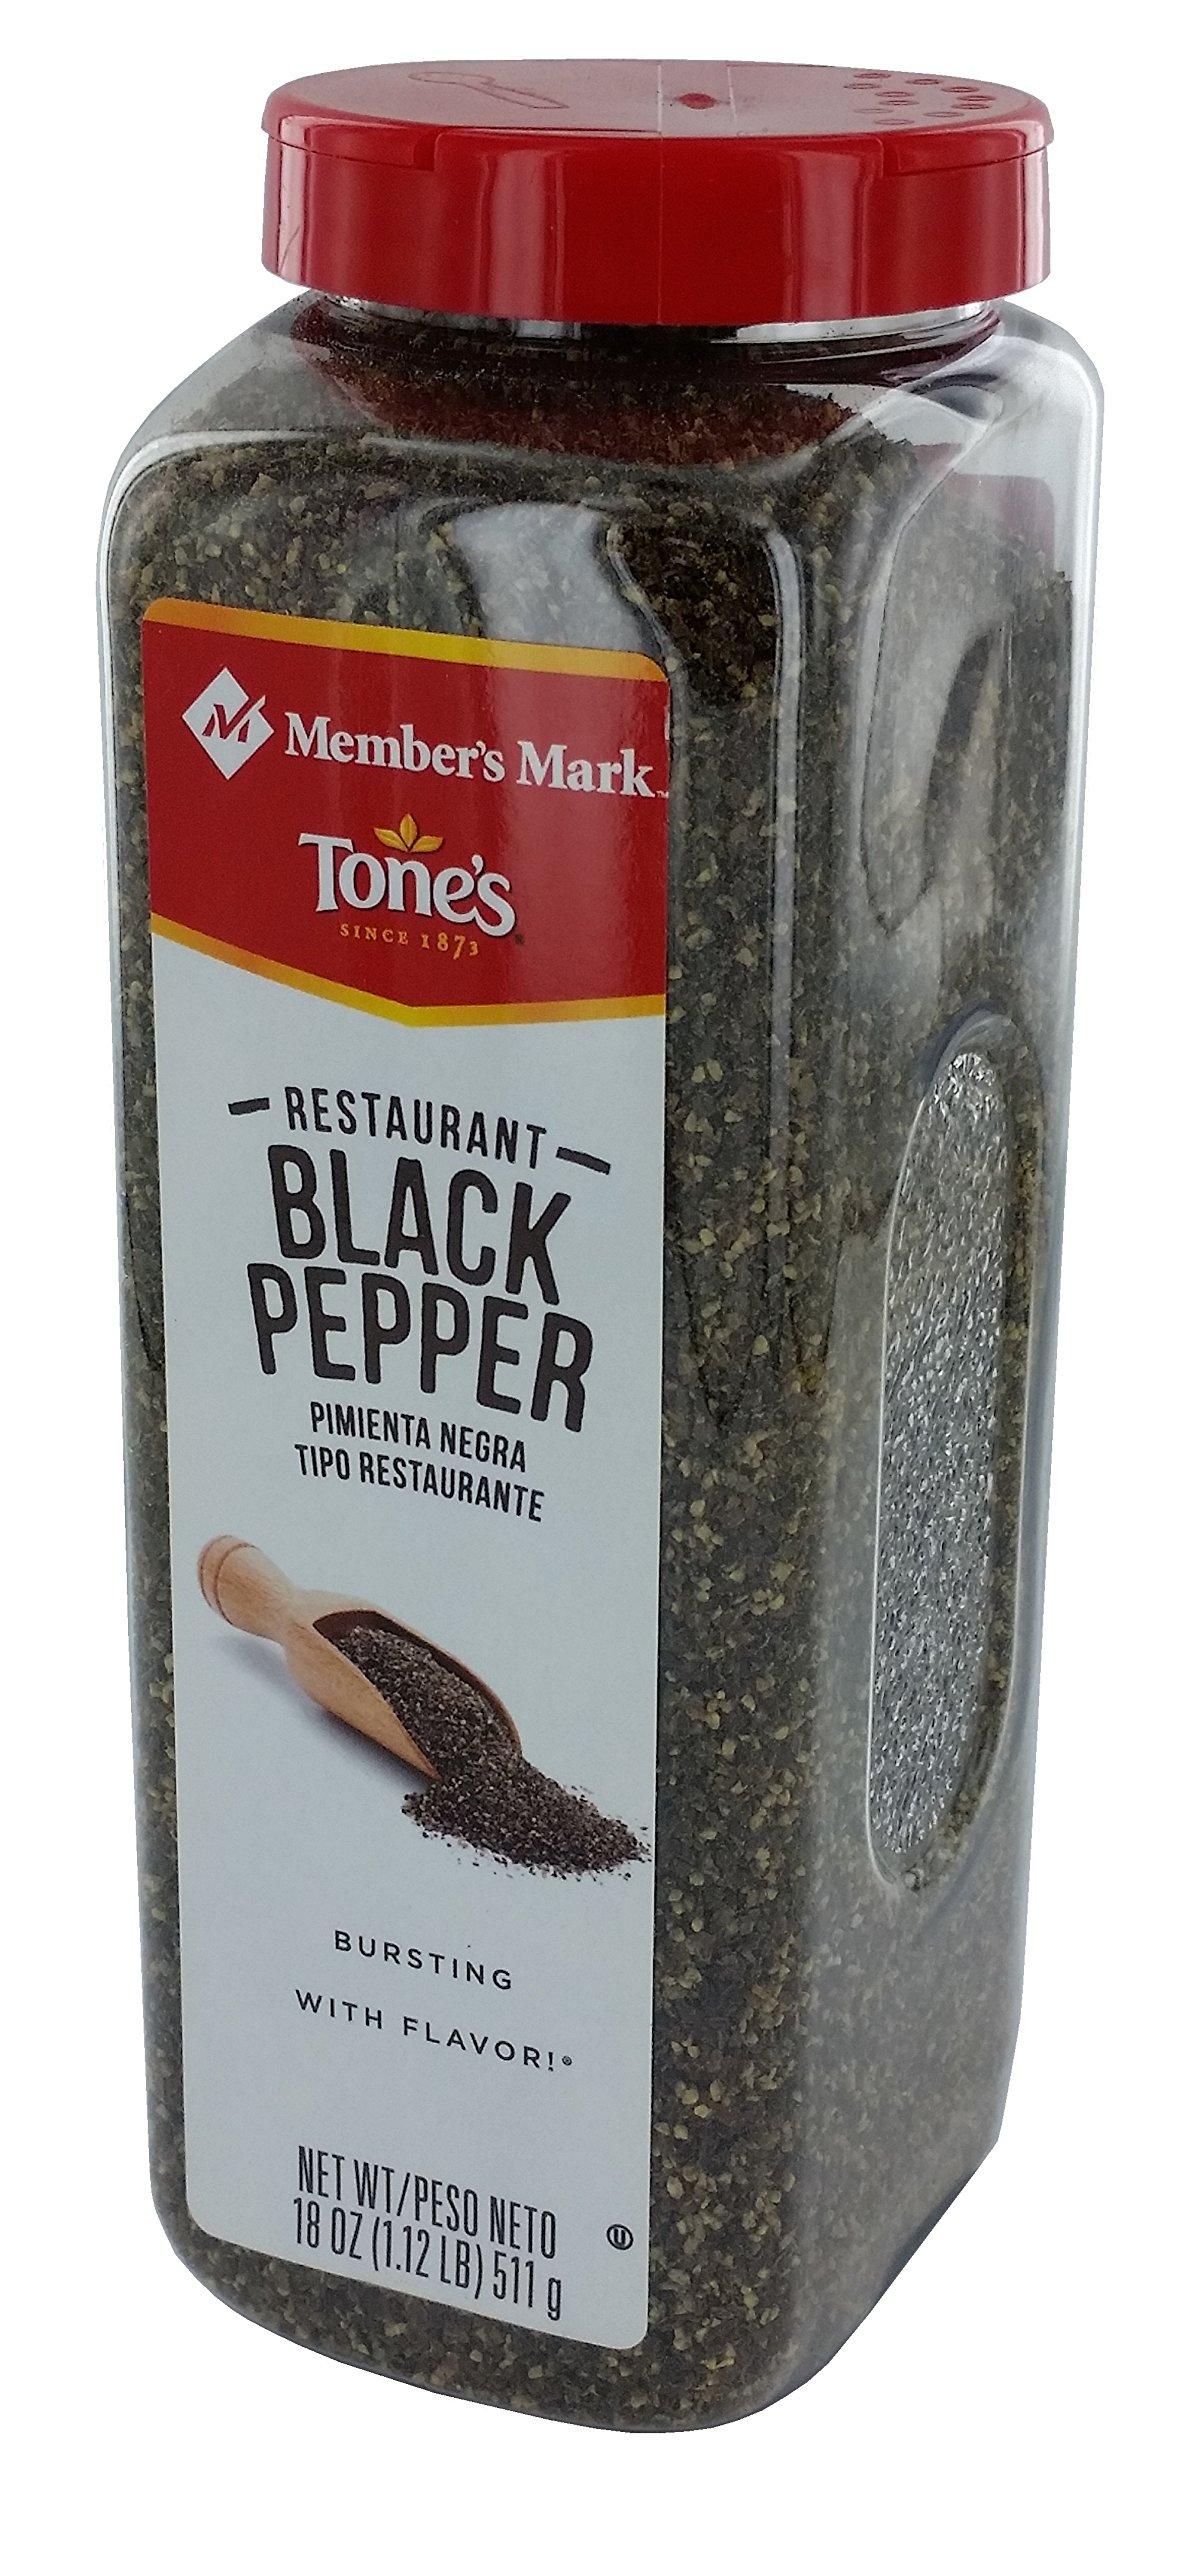 Member's Mark Restaurant Black Pepper by Tone's (18 Ounce)